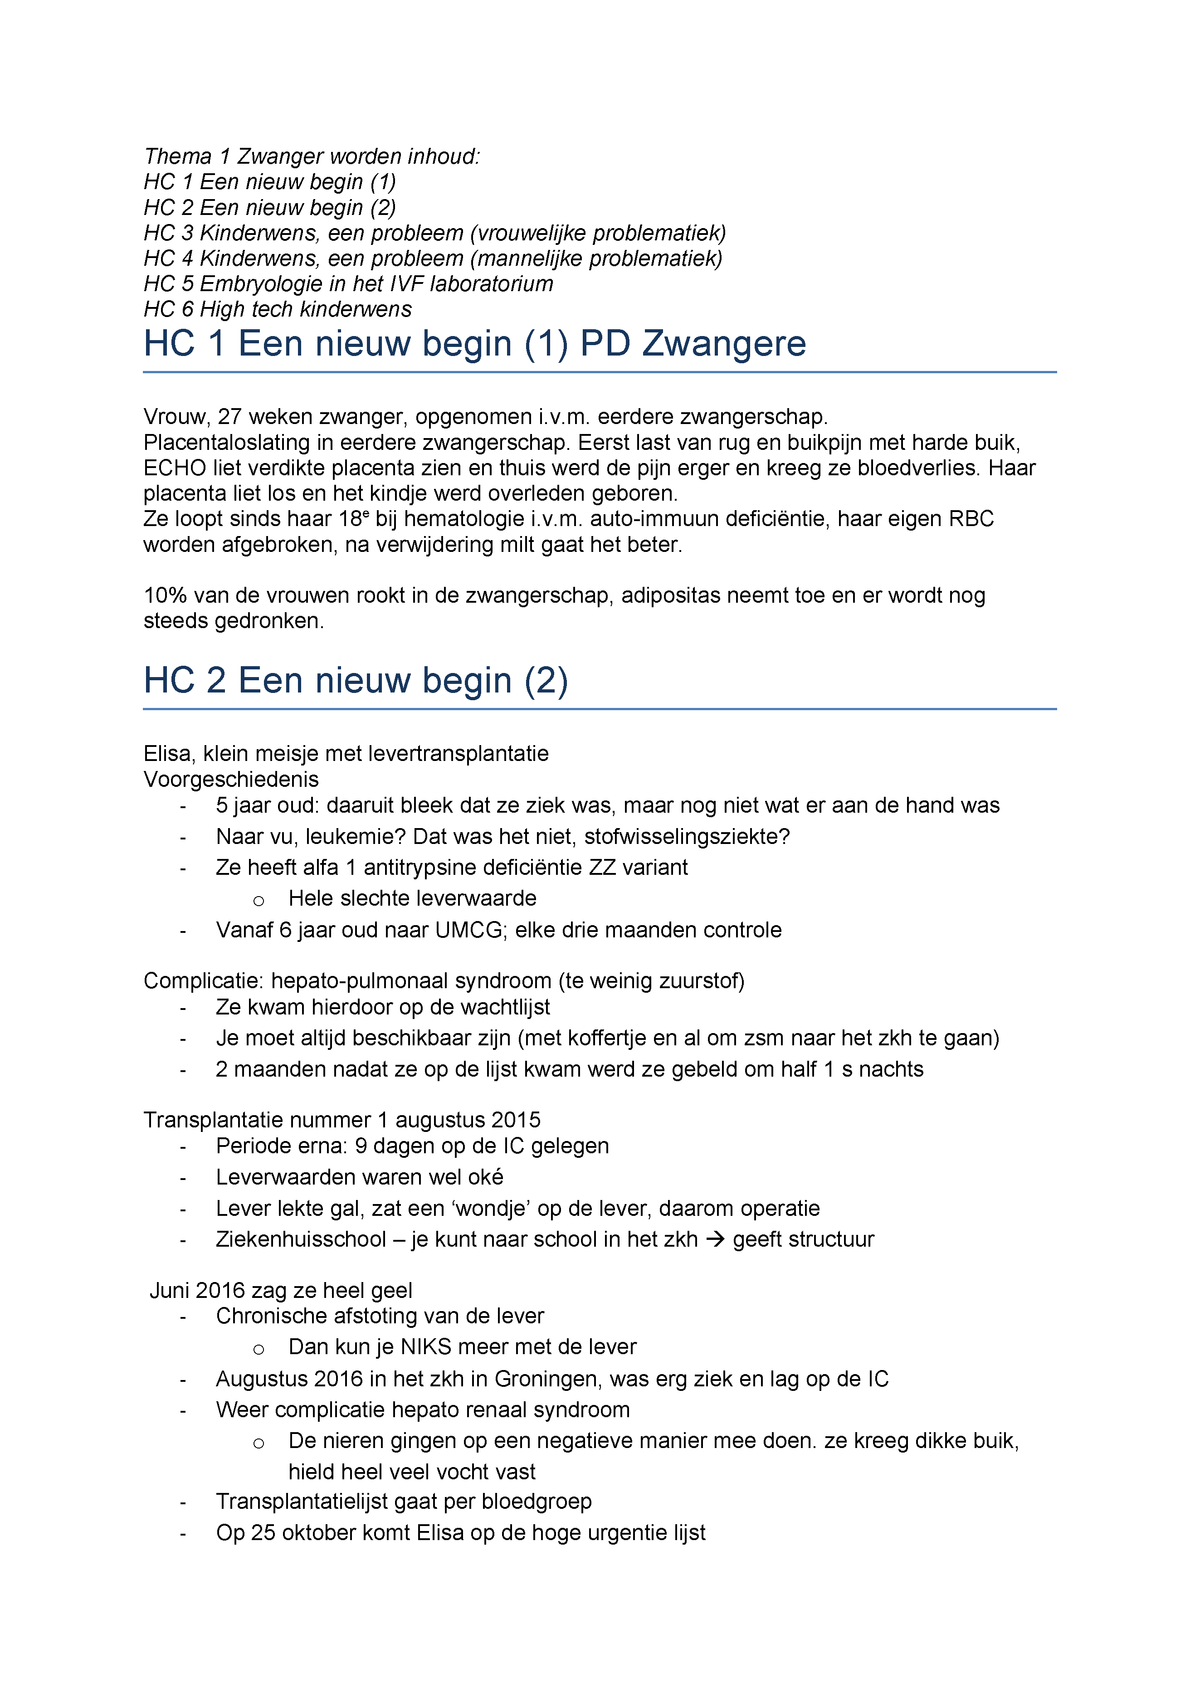 Thema 1 Zwanger worden HCs - 301323000Y - StudeerSnel